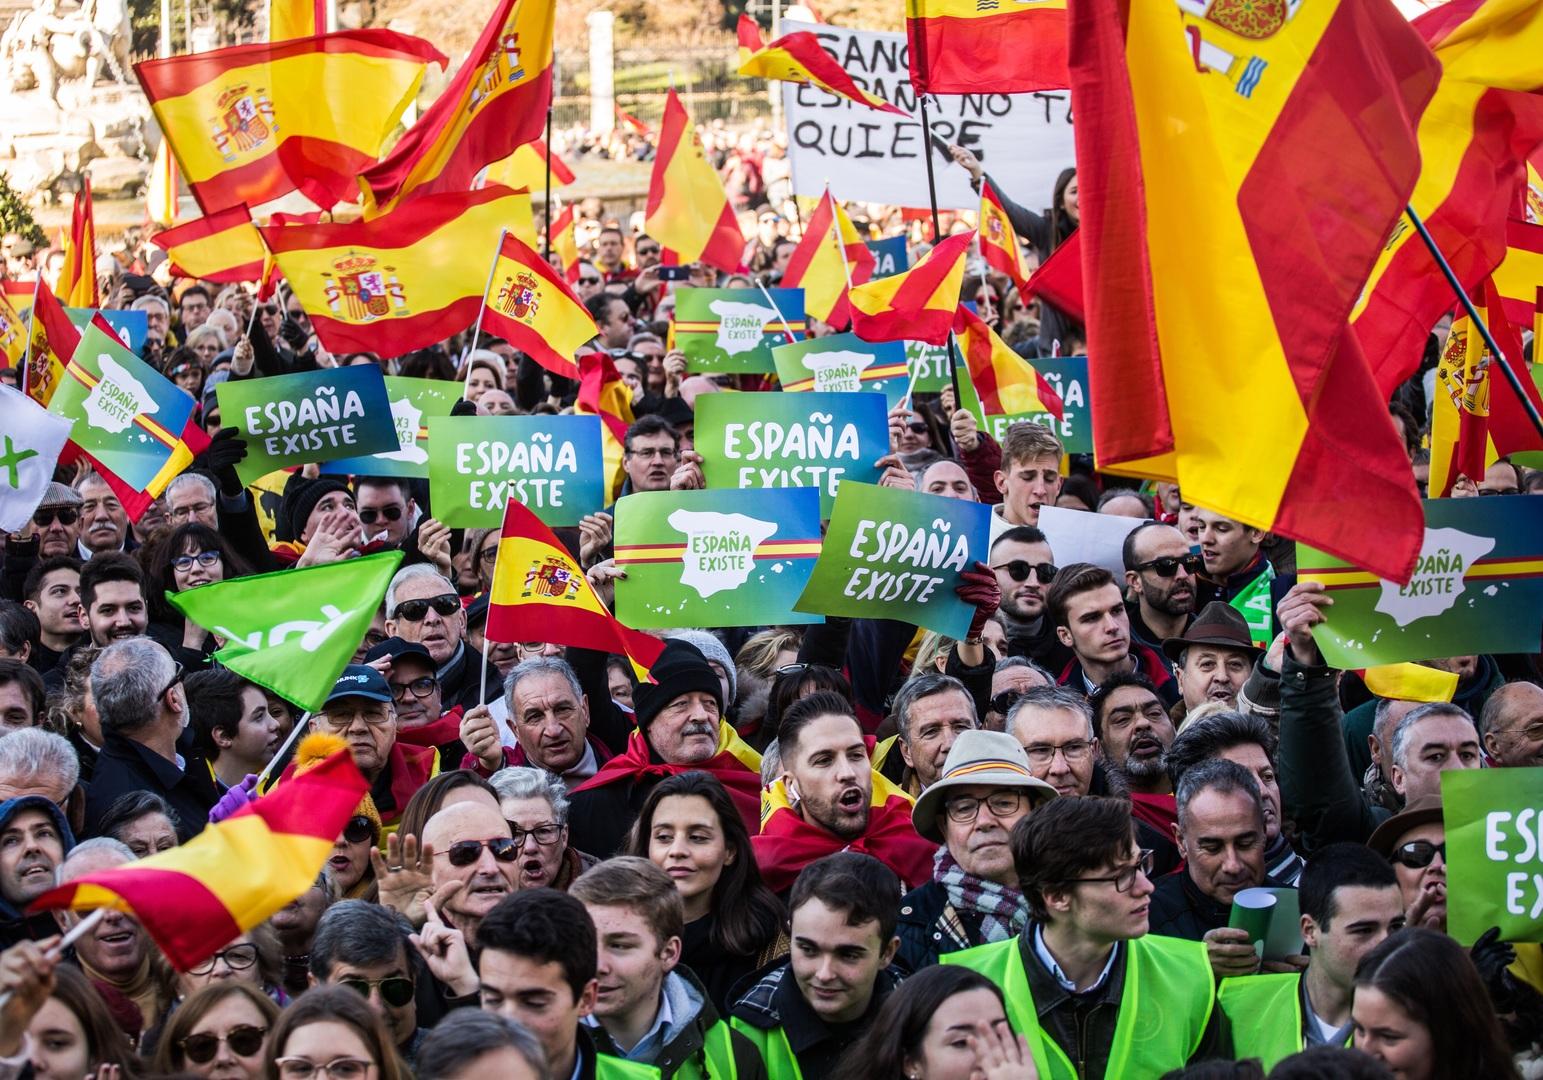 A l'appel de Vox, des milliers d'Espagnols manifestent contre le gouvernement d'union des gauches